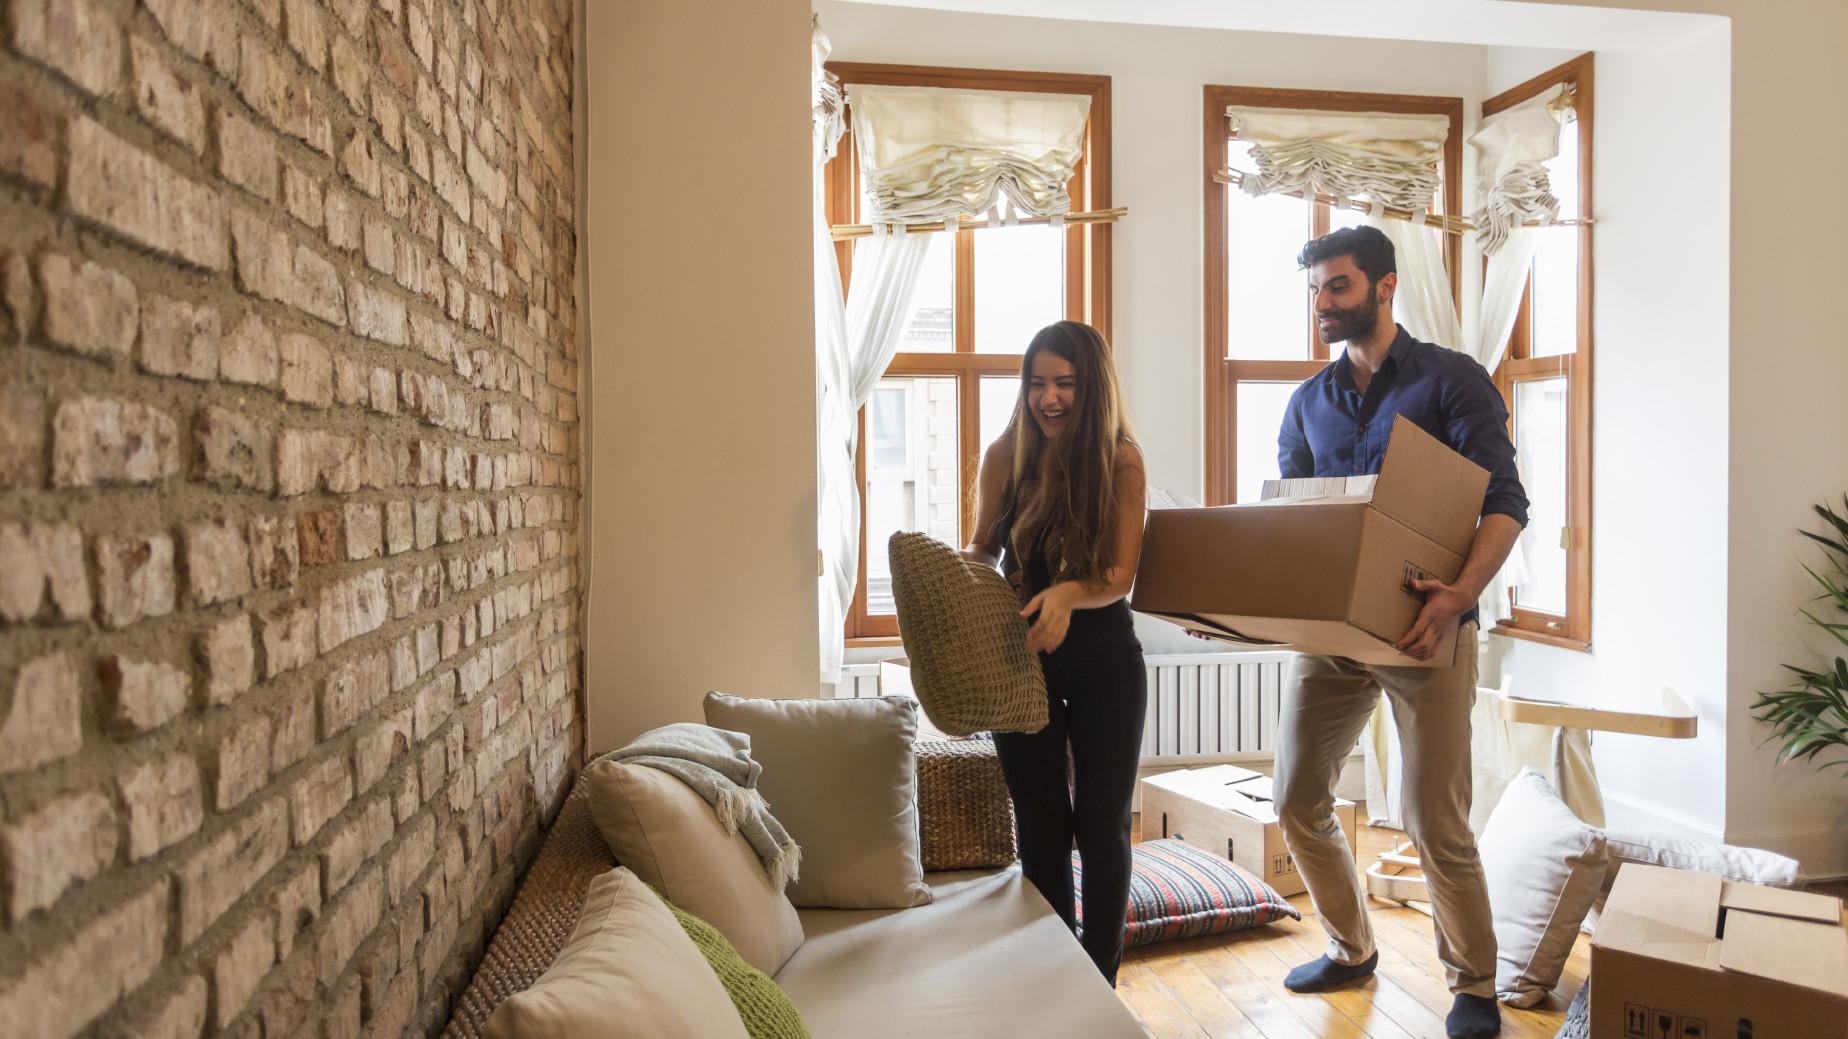 Wohnung Köln Mieten  Wohnung mieten provisionsfreie Mietwohnungen auf